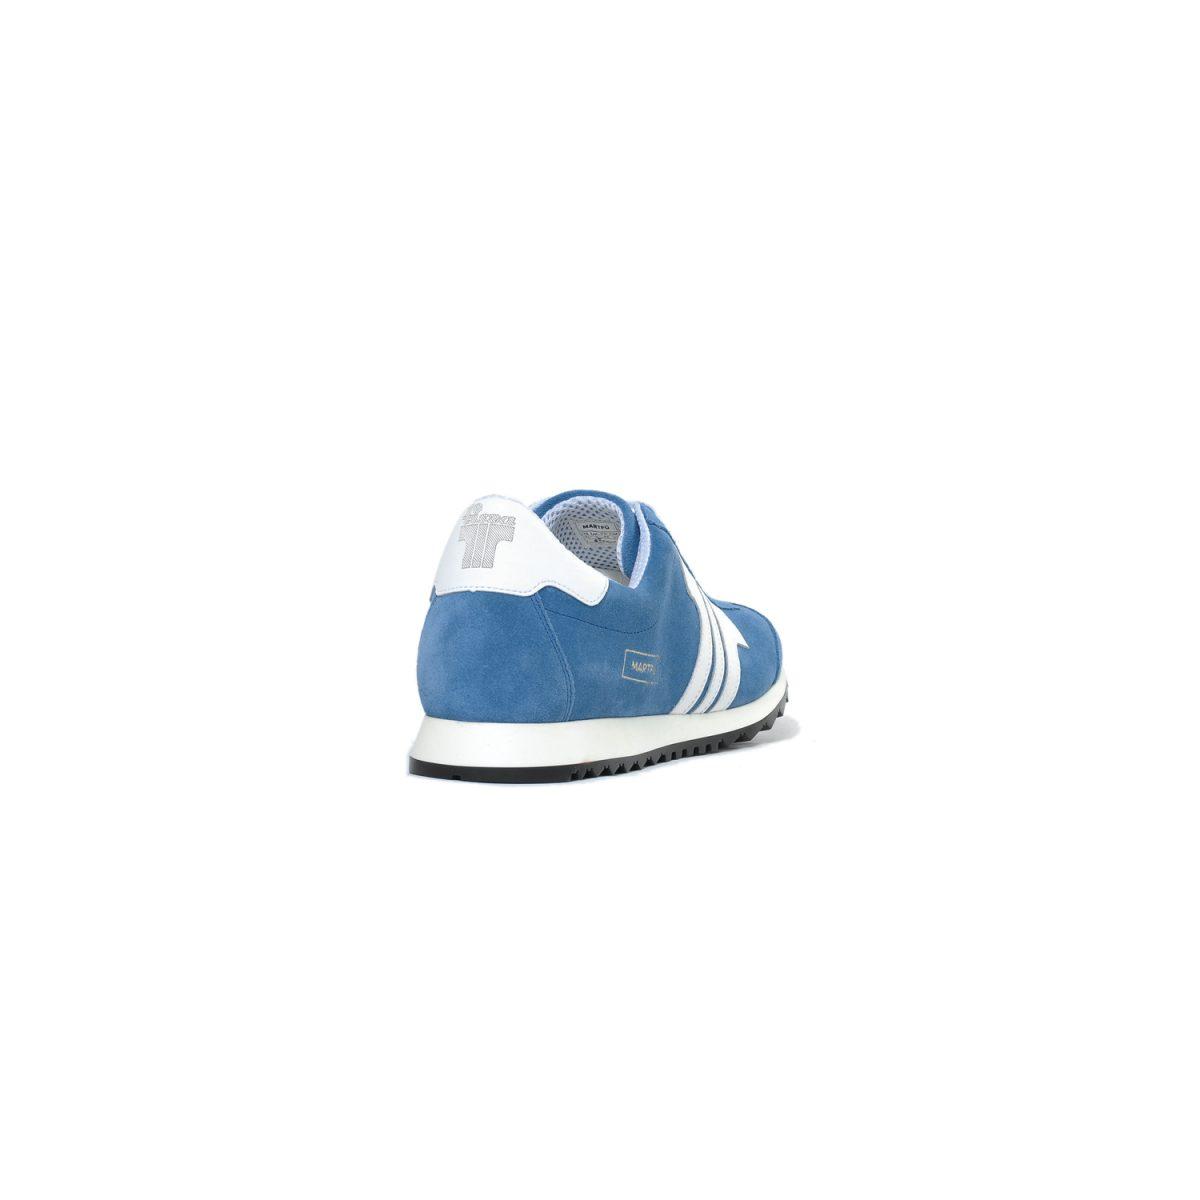 Tisza shoes - Martfű - Azure-white